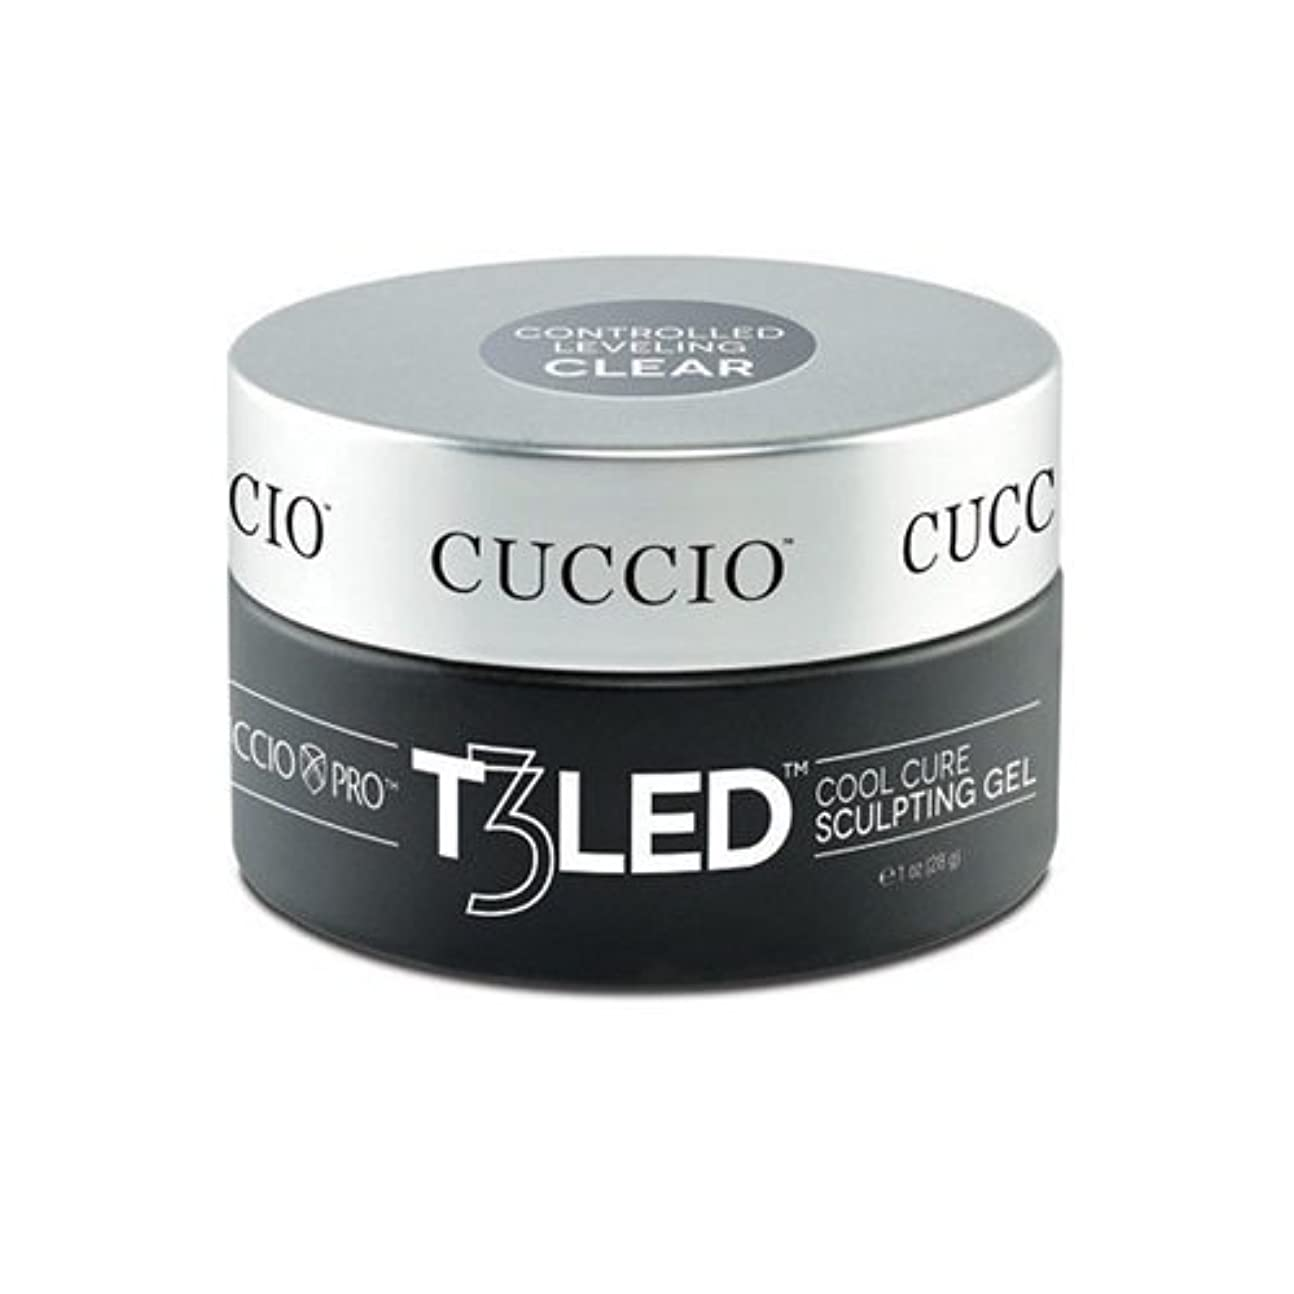 憂慮すべき確かに序文Cuccio Pro - T3 LED/UV Controlled Leveling Gel - Clear - 2oz / 56g